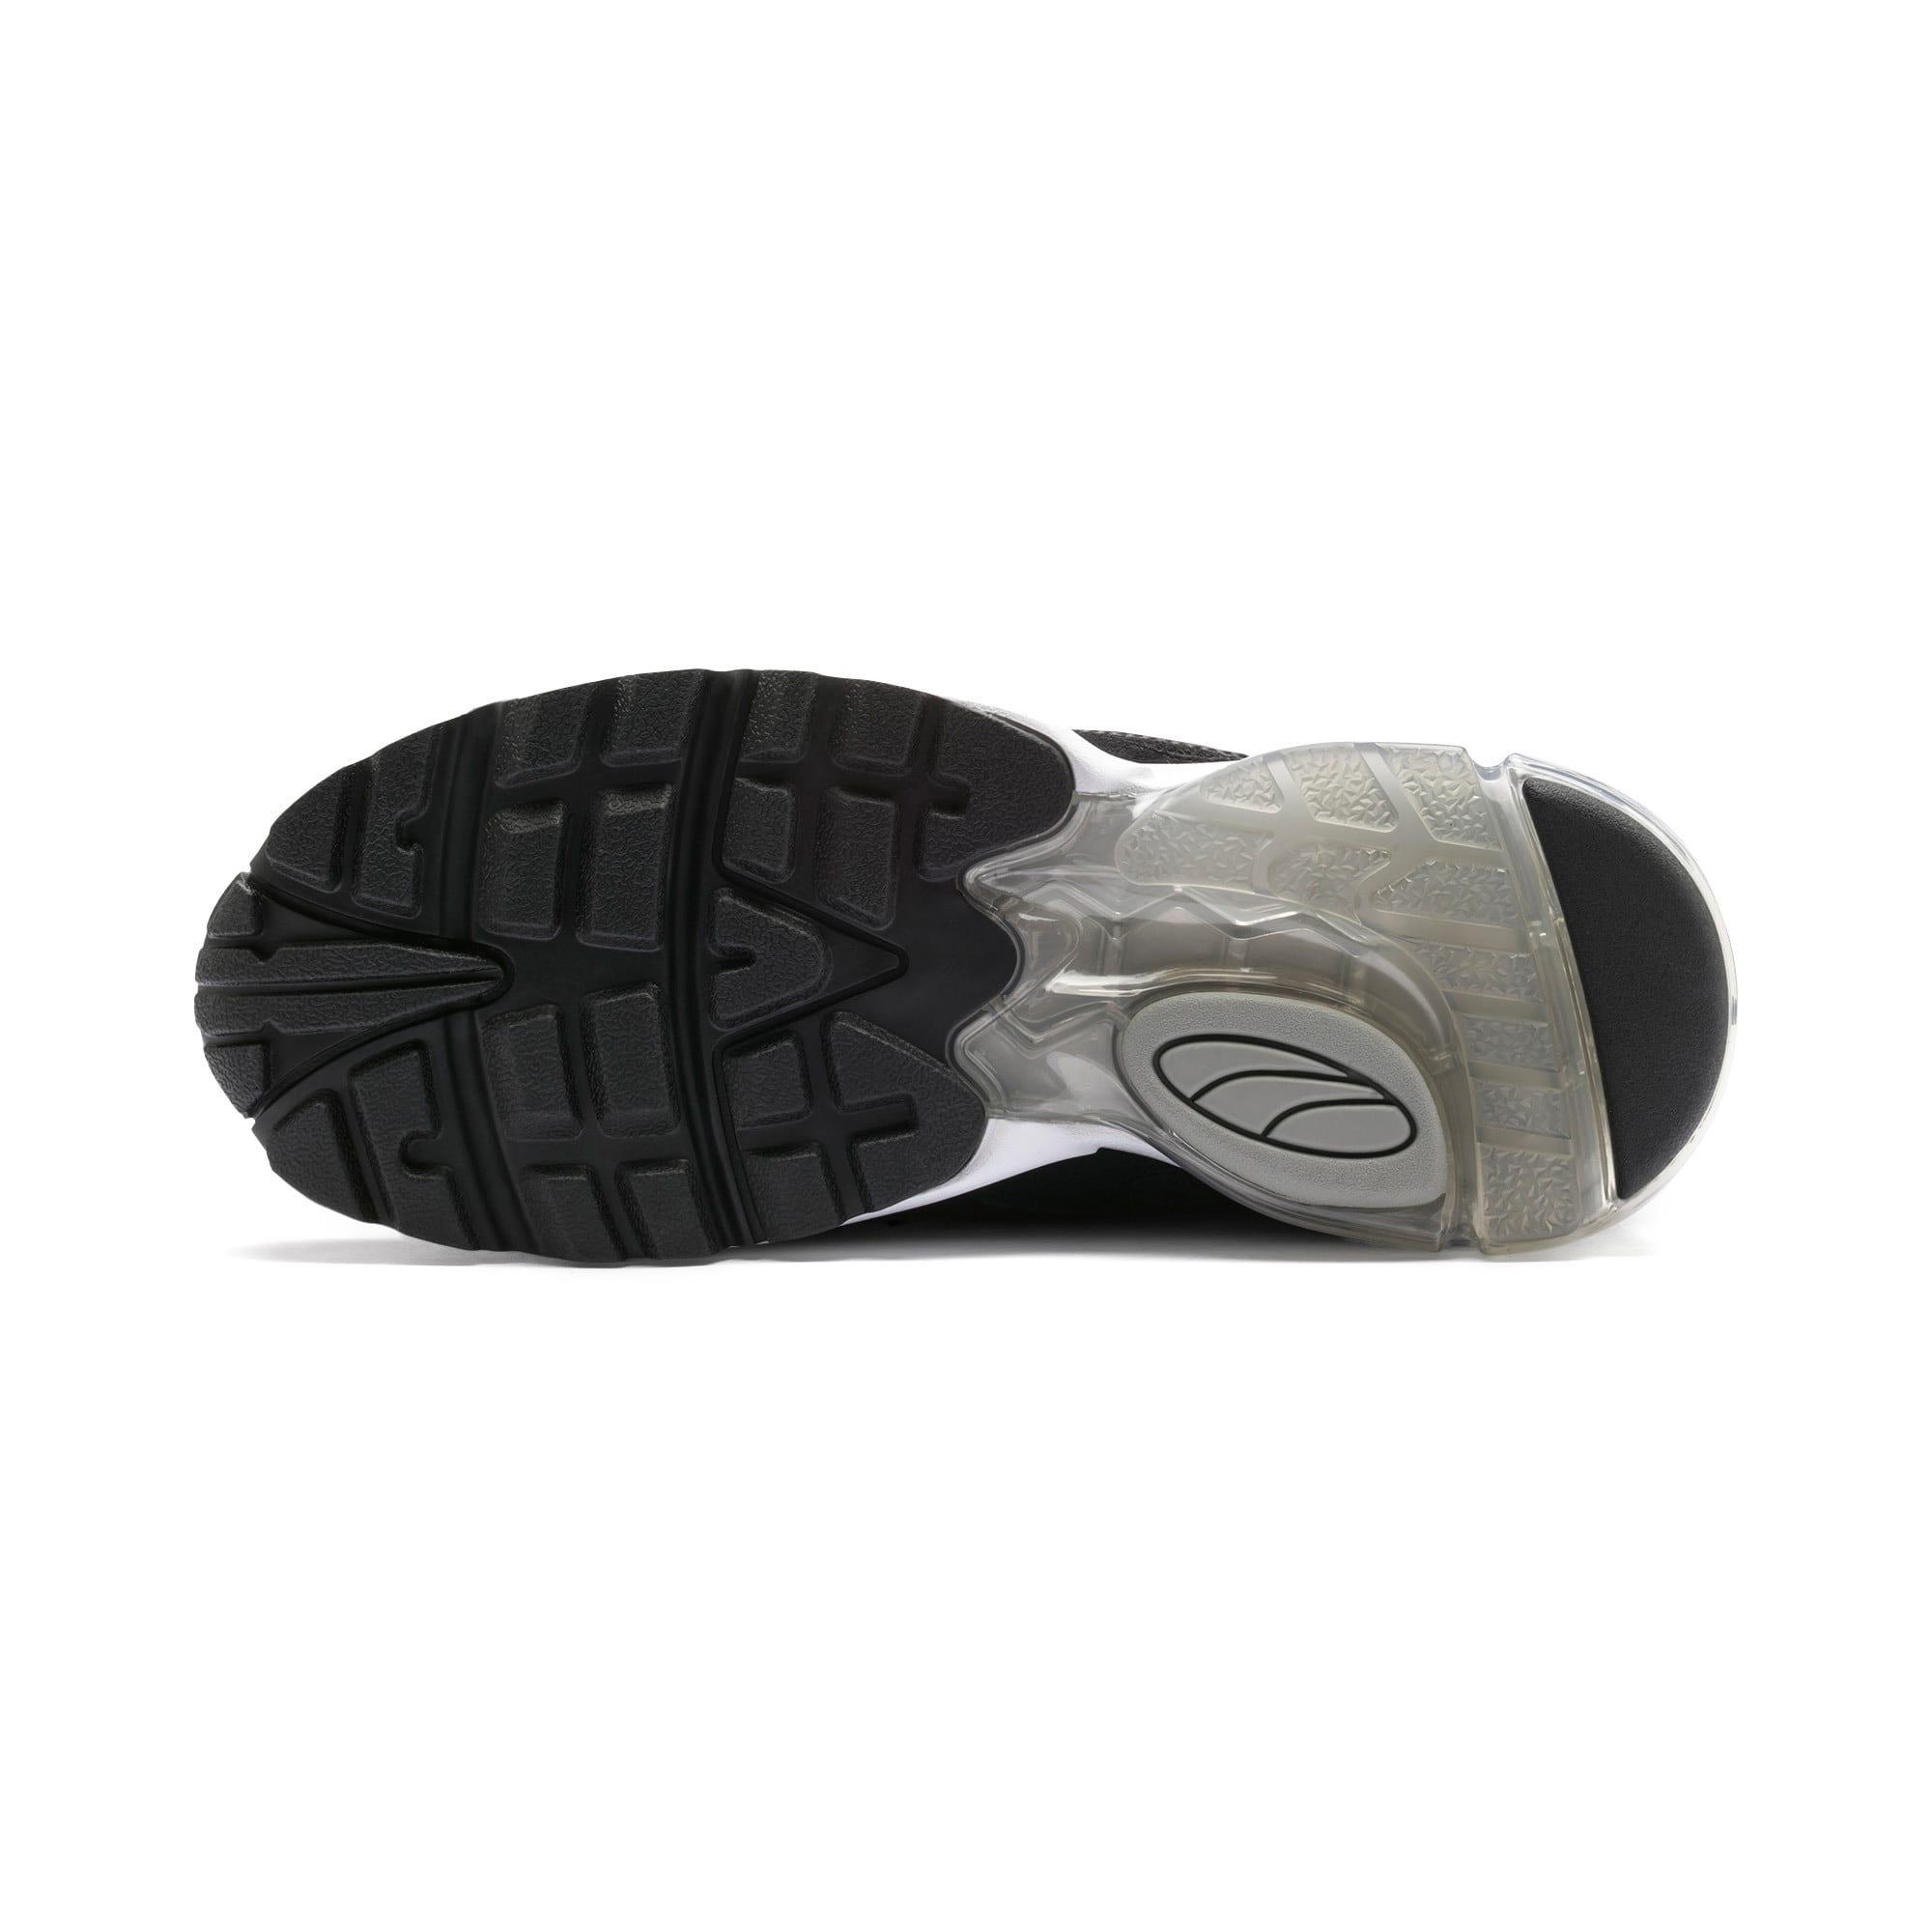 Thumbnail 5 of CELL Stellar Tonal Women's Sneakers, Puma Black-Puma Team Gold, medium